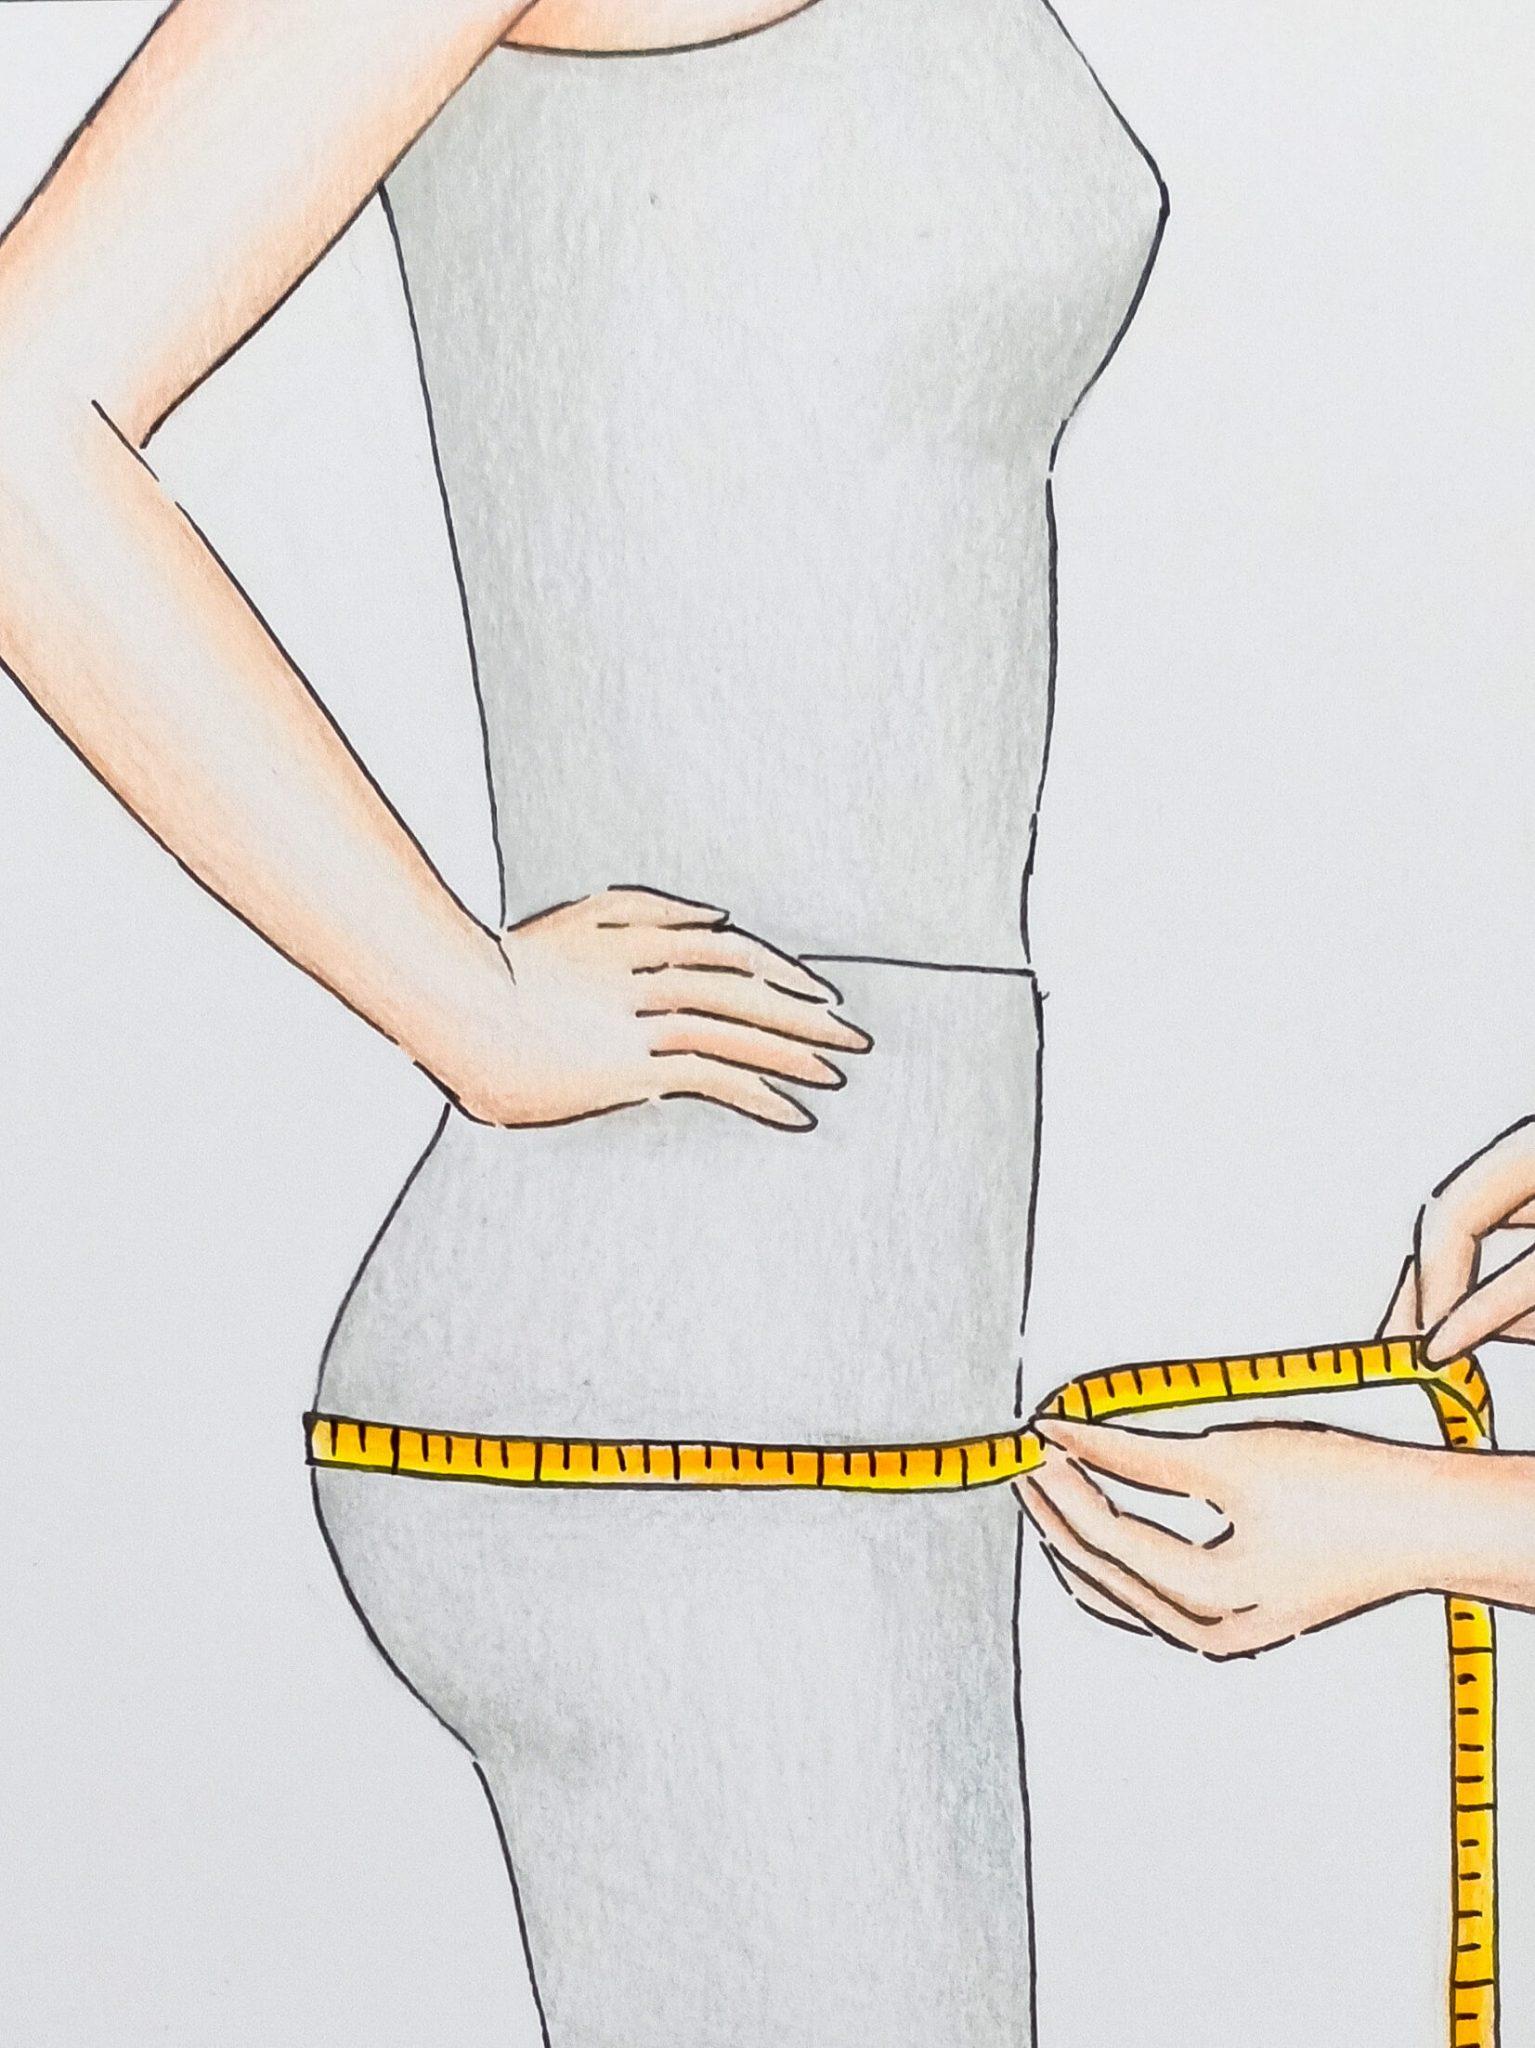 Hips Measuring